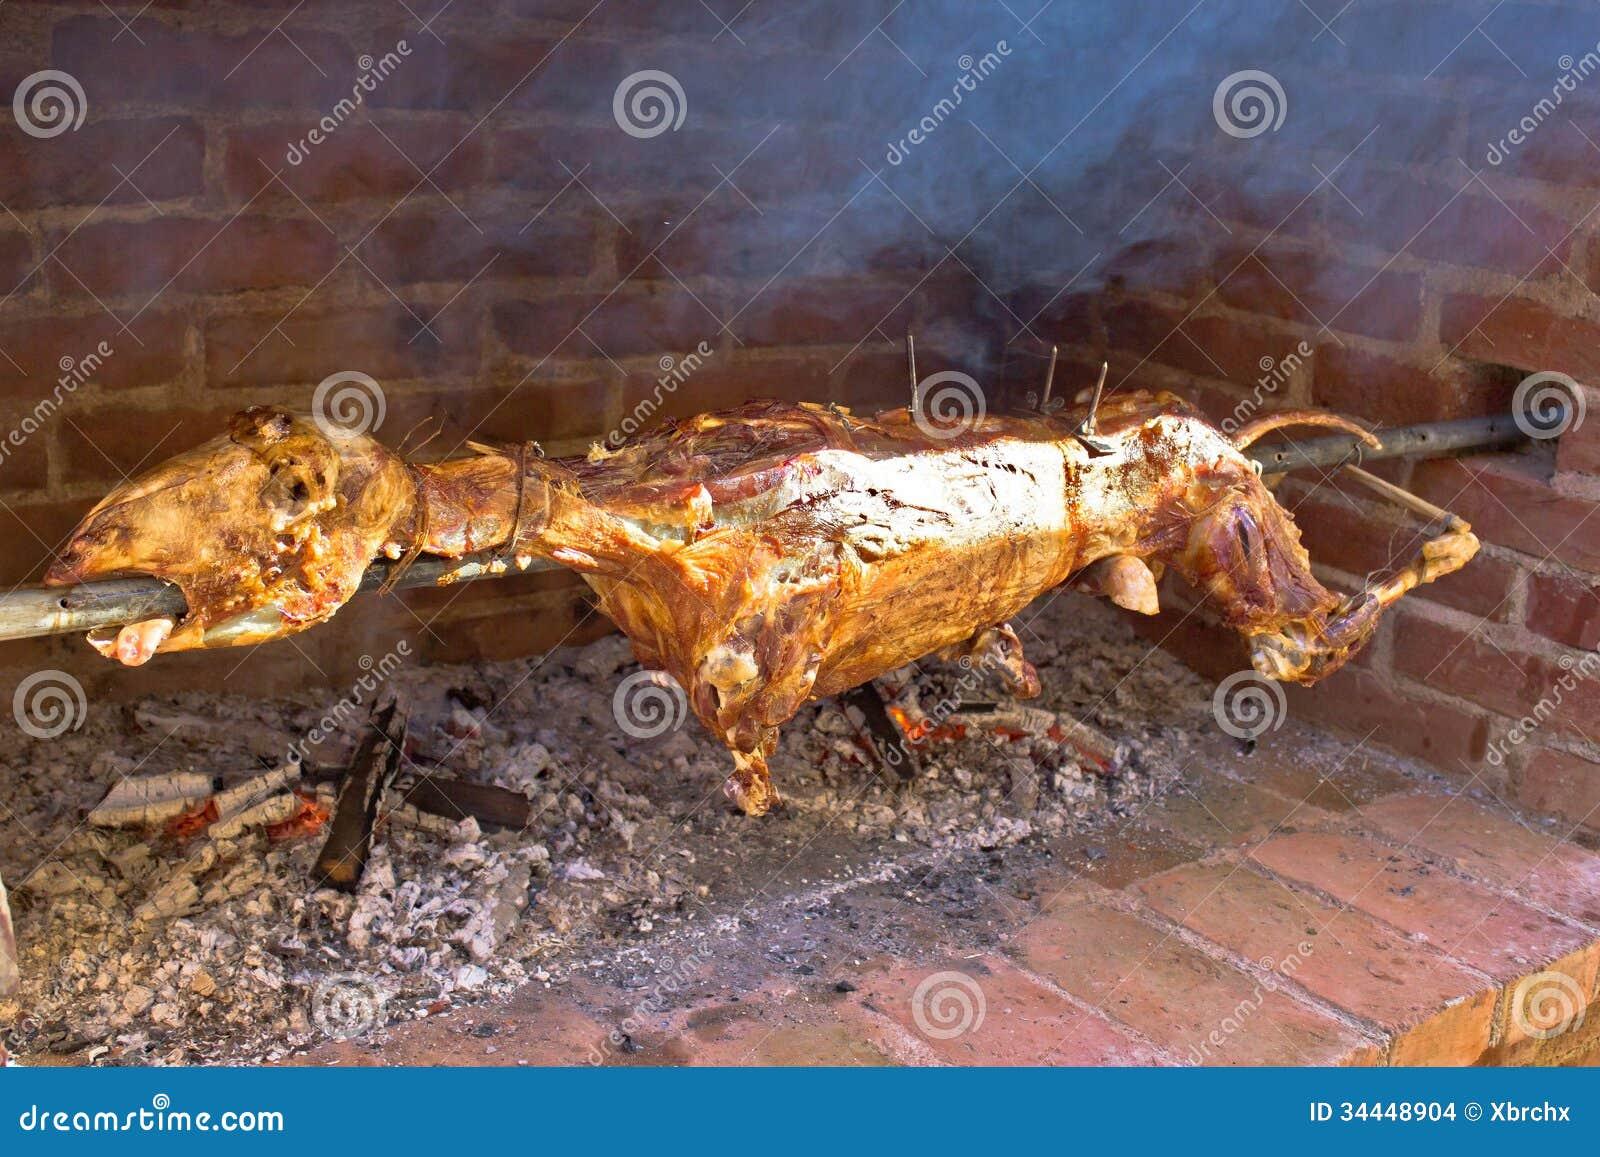 agneau entier sur la broche nourriture de viande images stock image 34448904. Black Bedroom Furniture Sets. Home Design Ideas